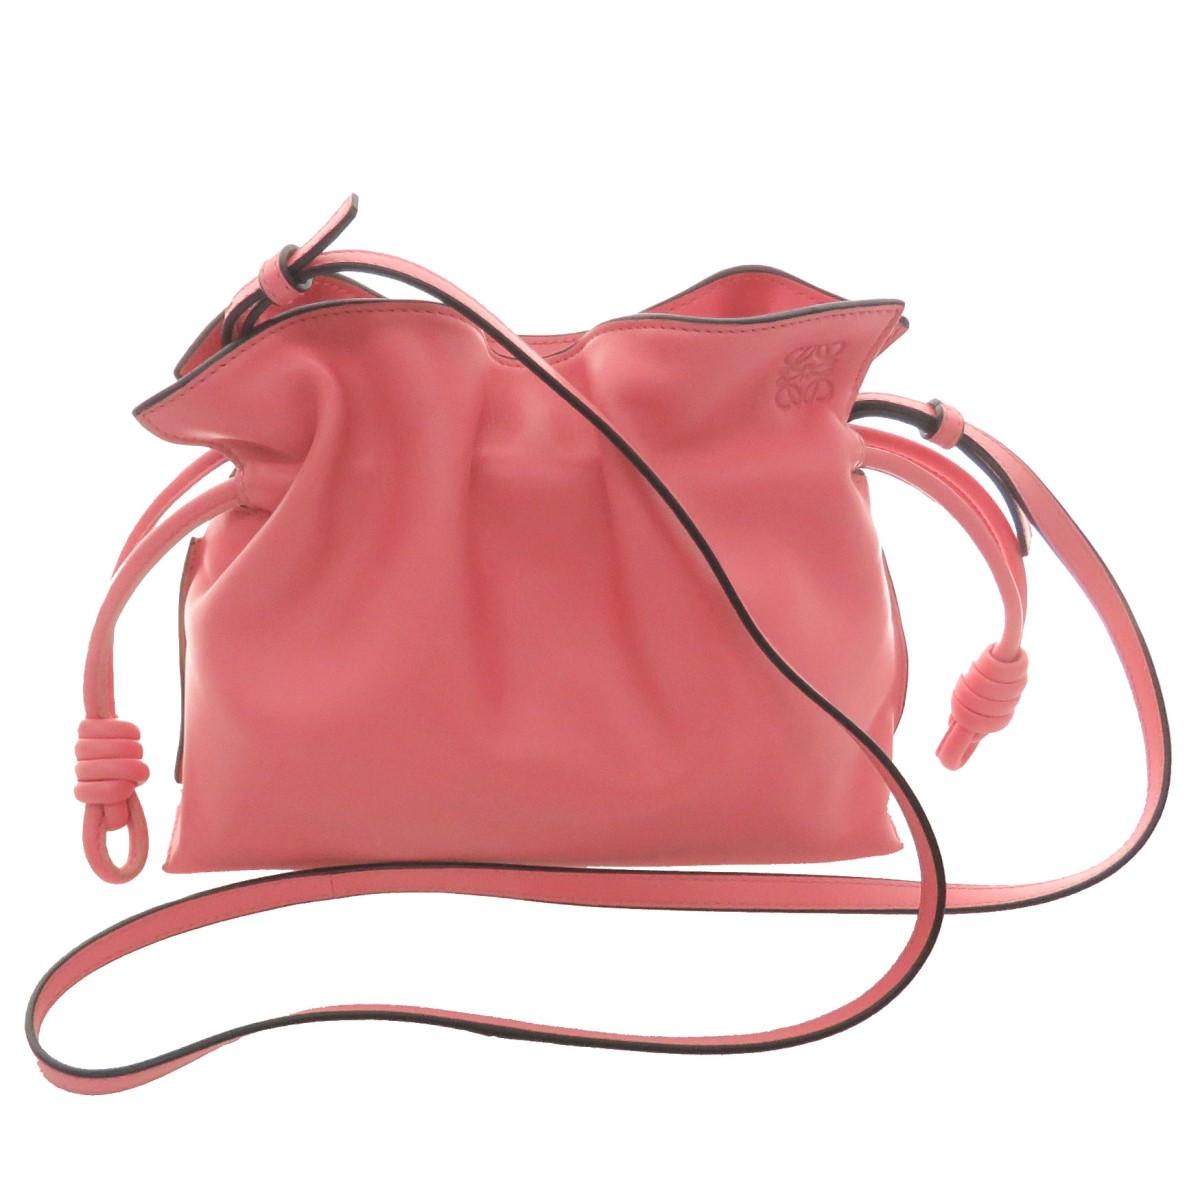 【中古】LOEWE フラメンコクラッチミニ バッグ ピンク サイズ:- 【010521】(ロエベ)